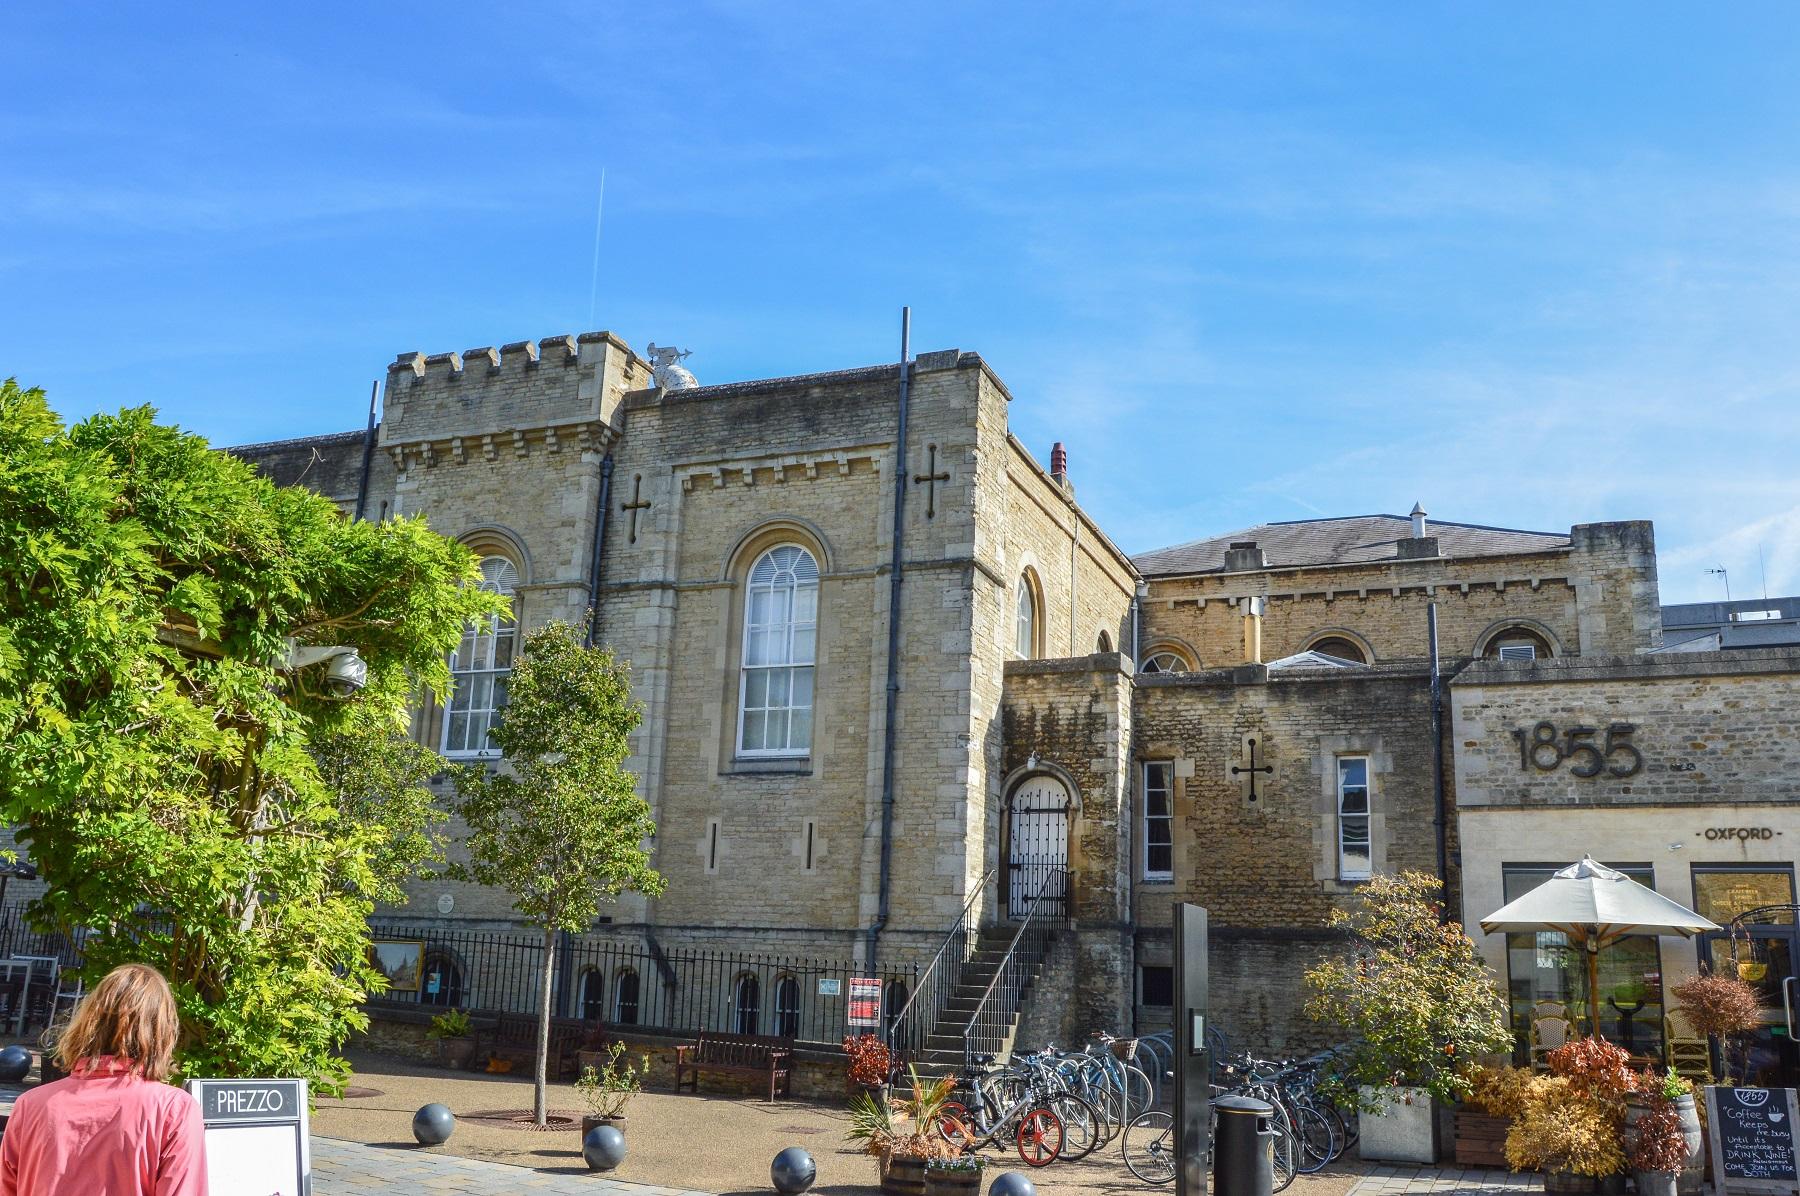 Zabudowania-Oxford-Uniwesity